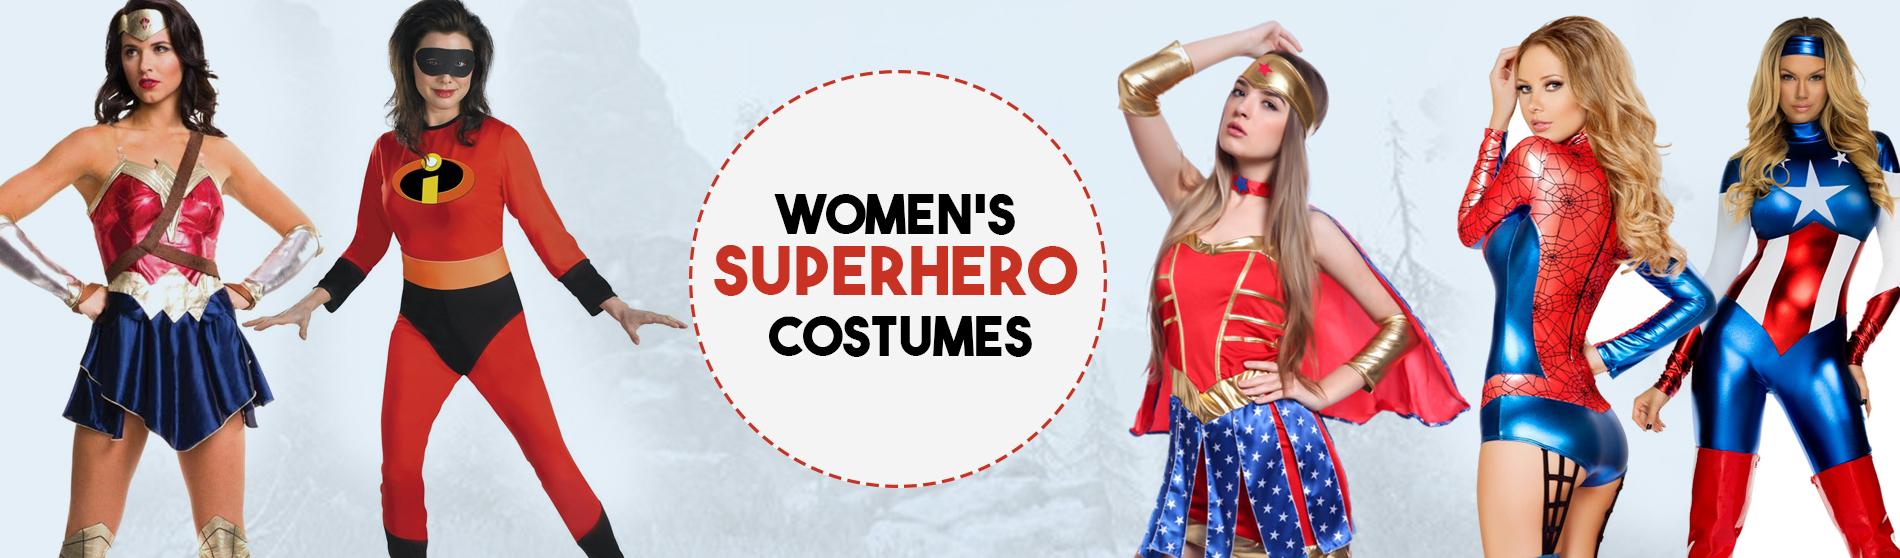 Womens Superhero Costumes